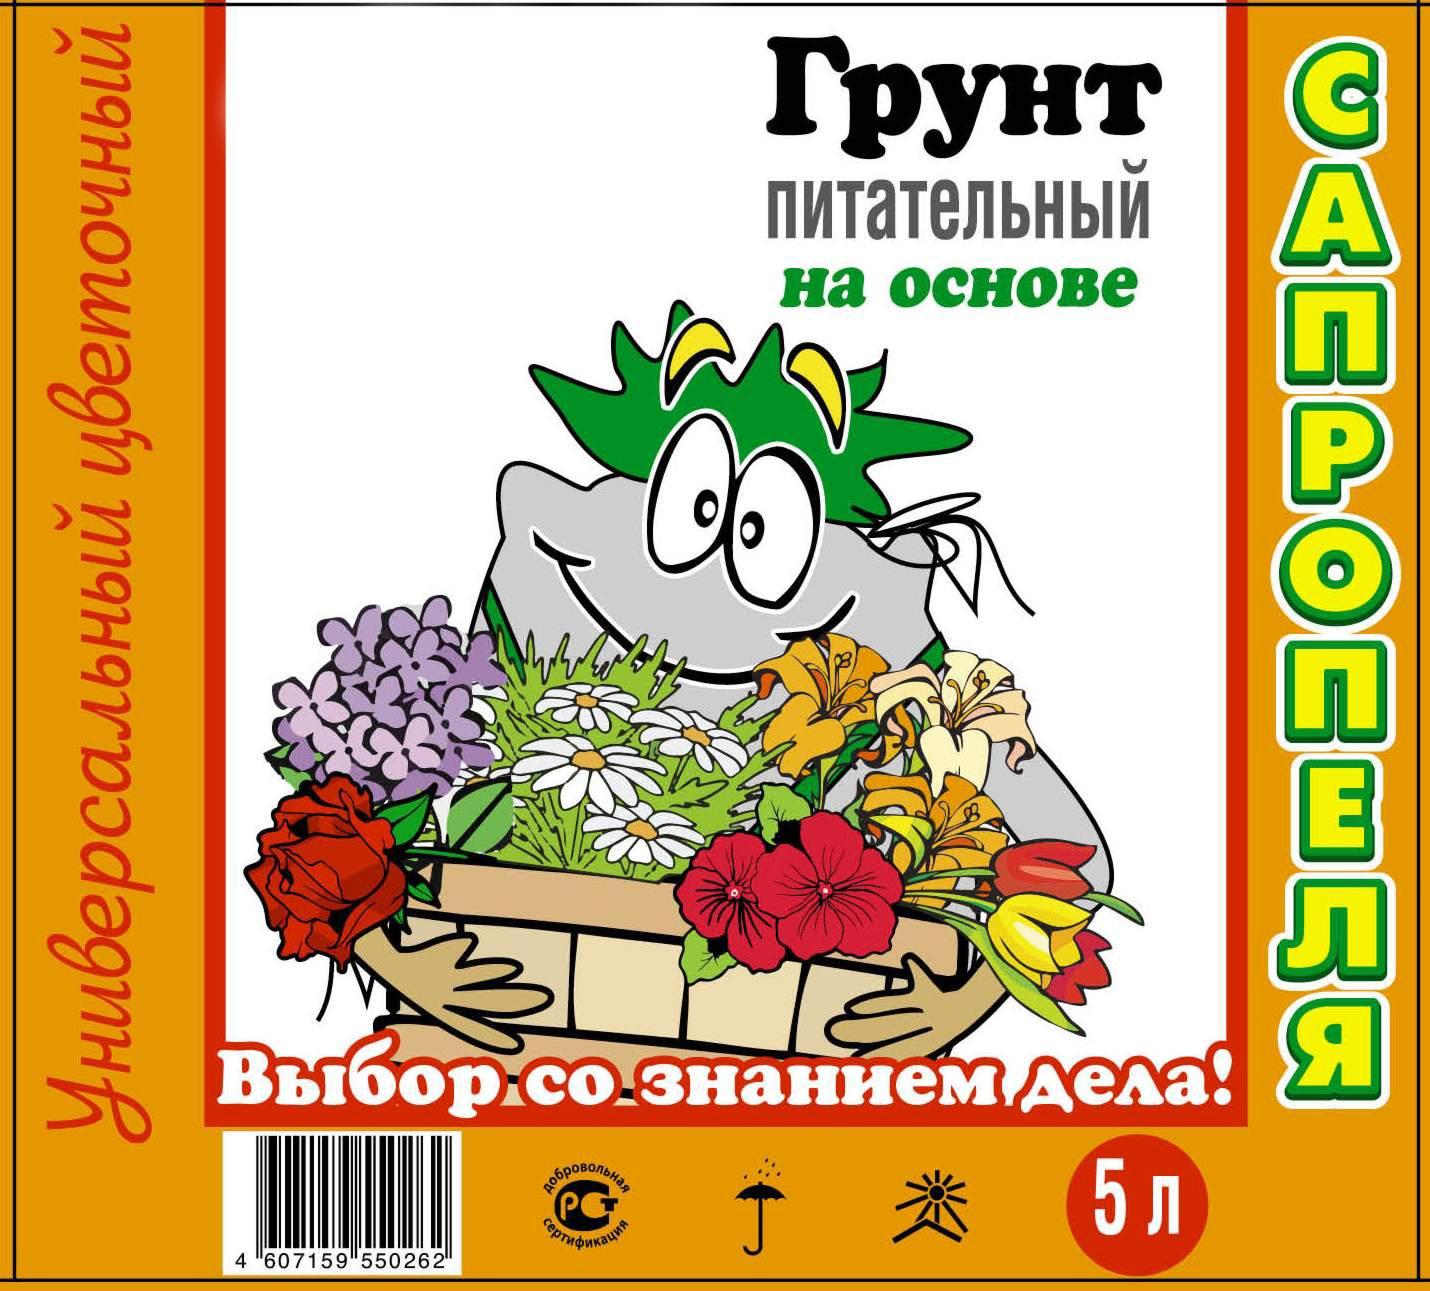 Сапропелевые грунты для растениеводства, садоводства от компании ЗАО Респект - Грунт универсальный цветочный